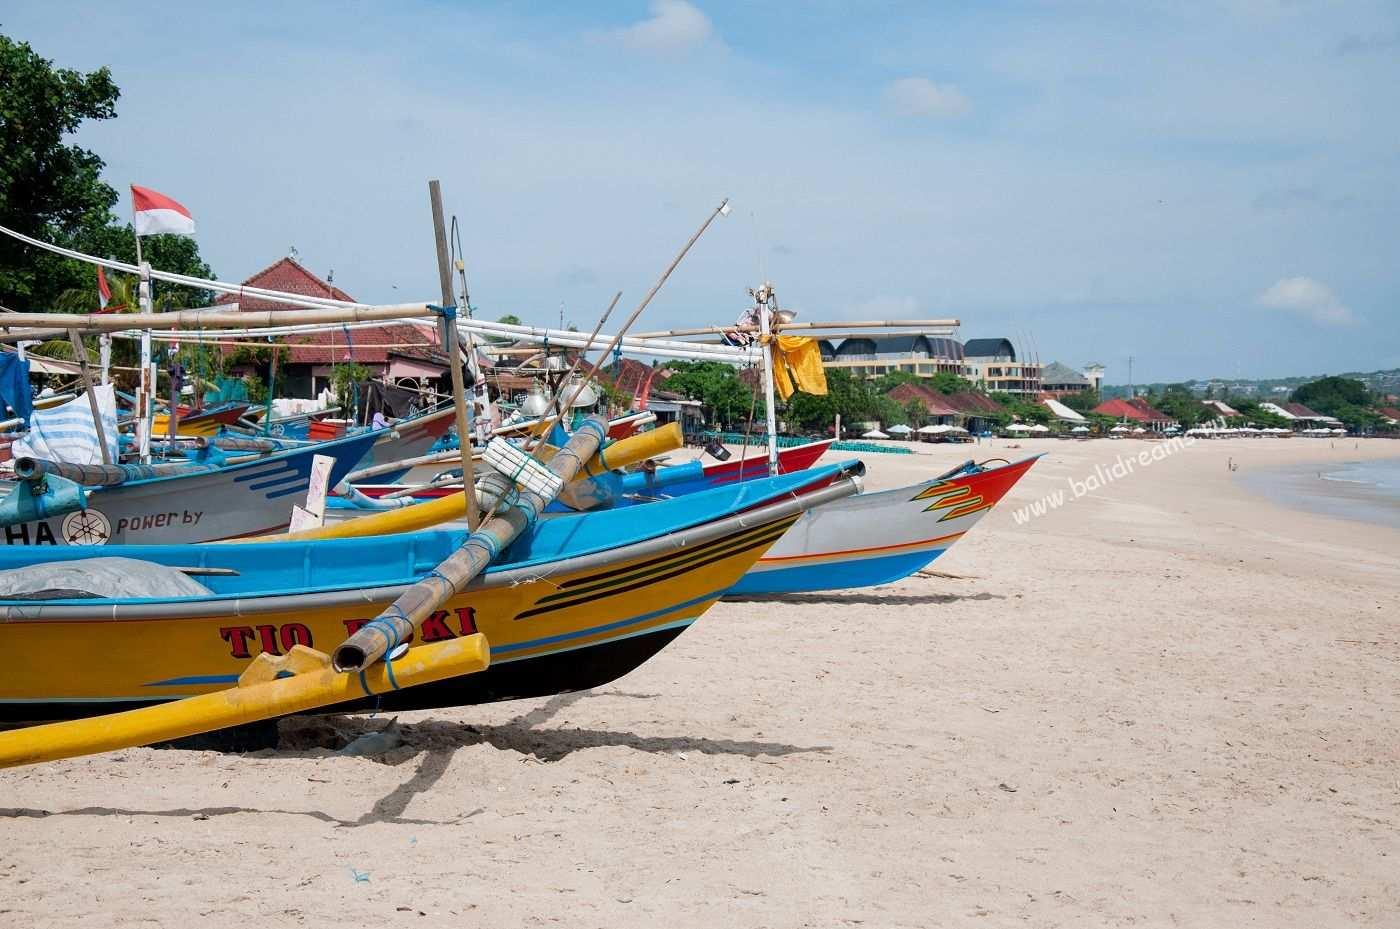 Пляж у рыбного рынка Джимбаран